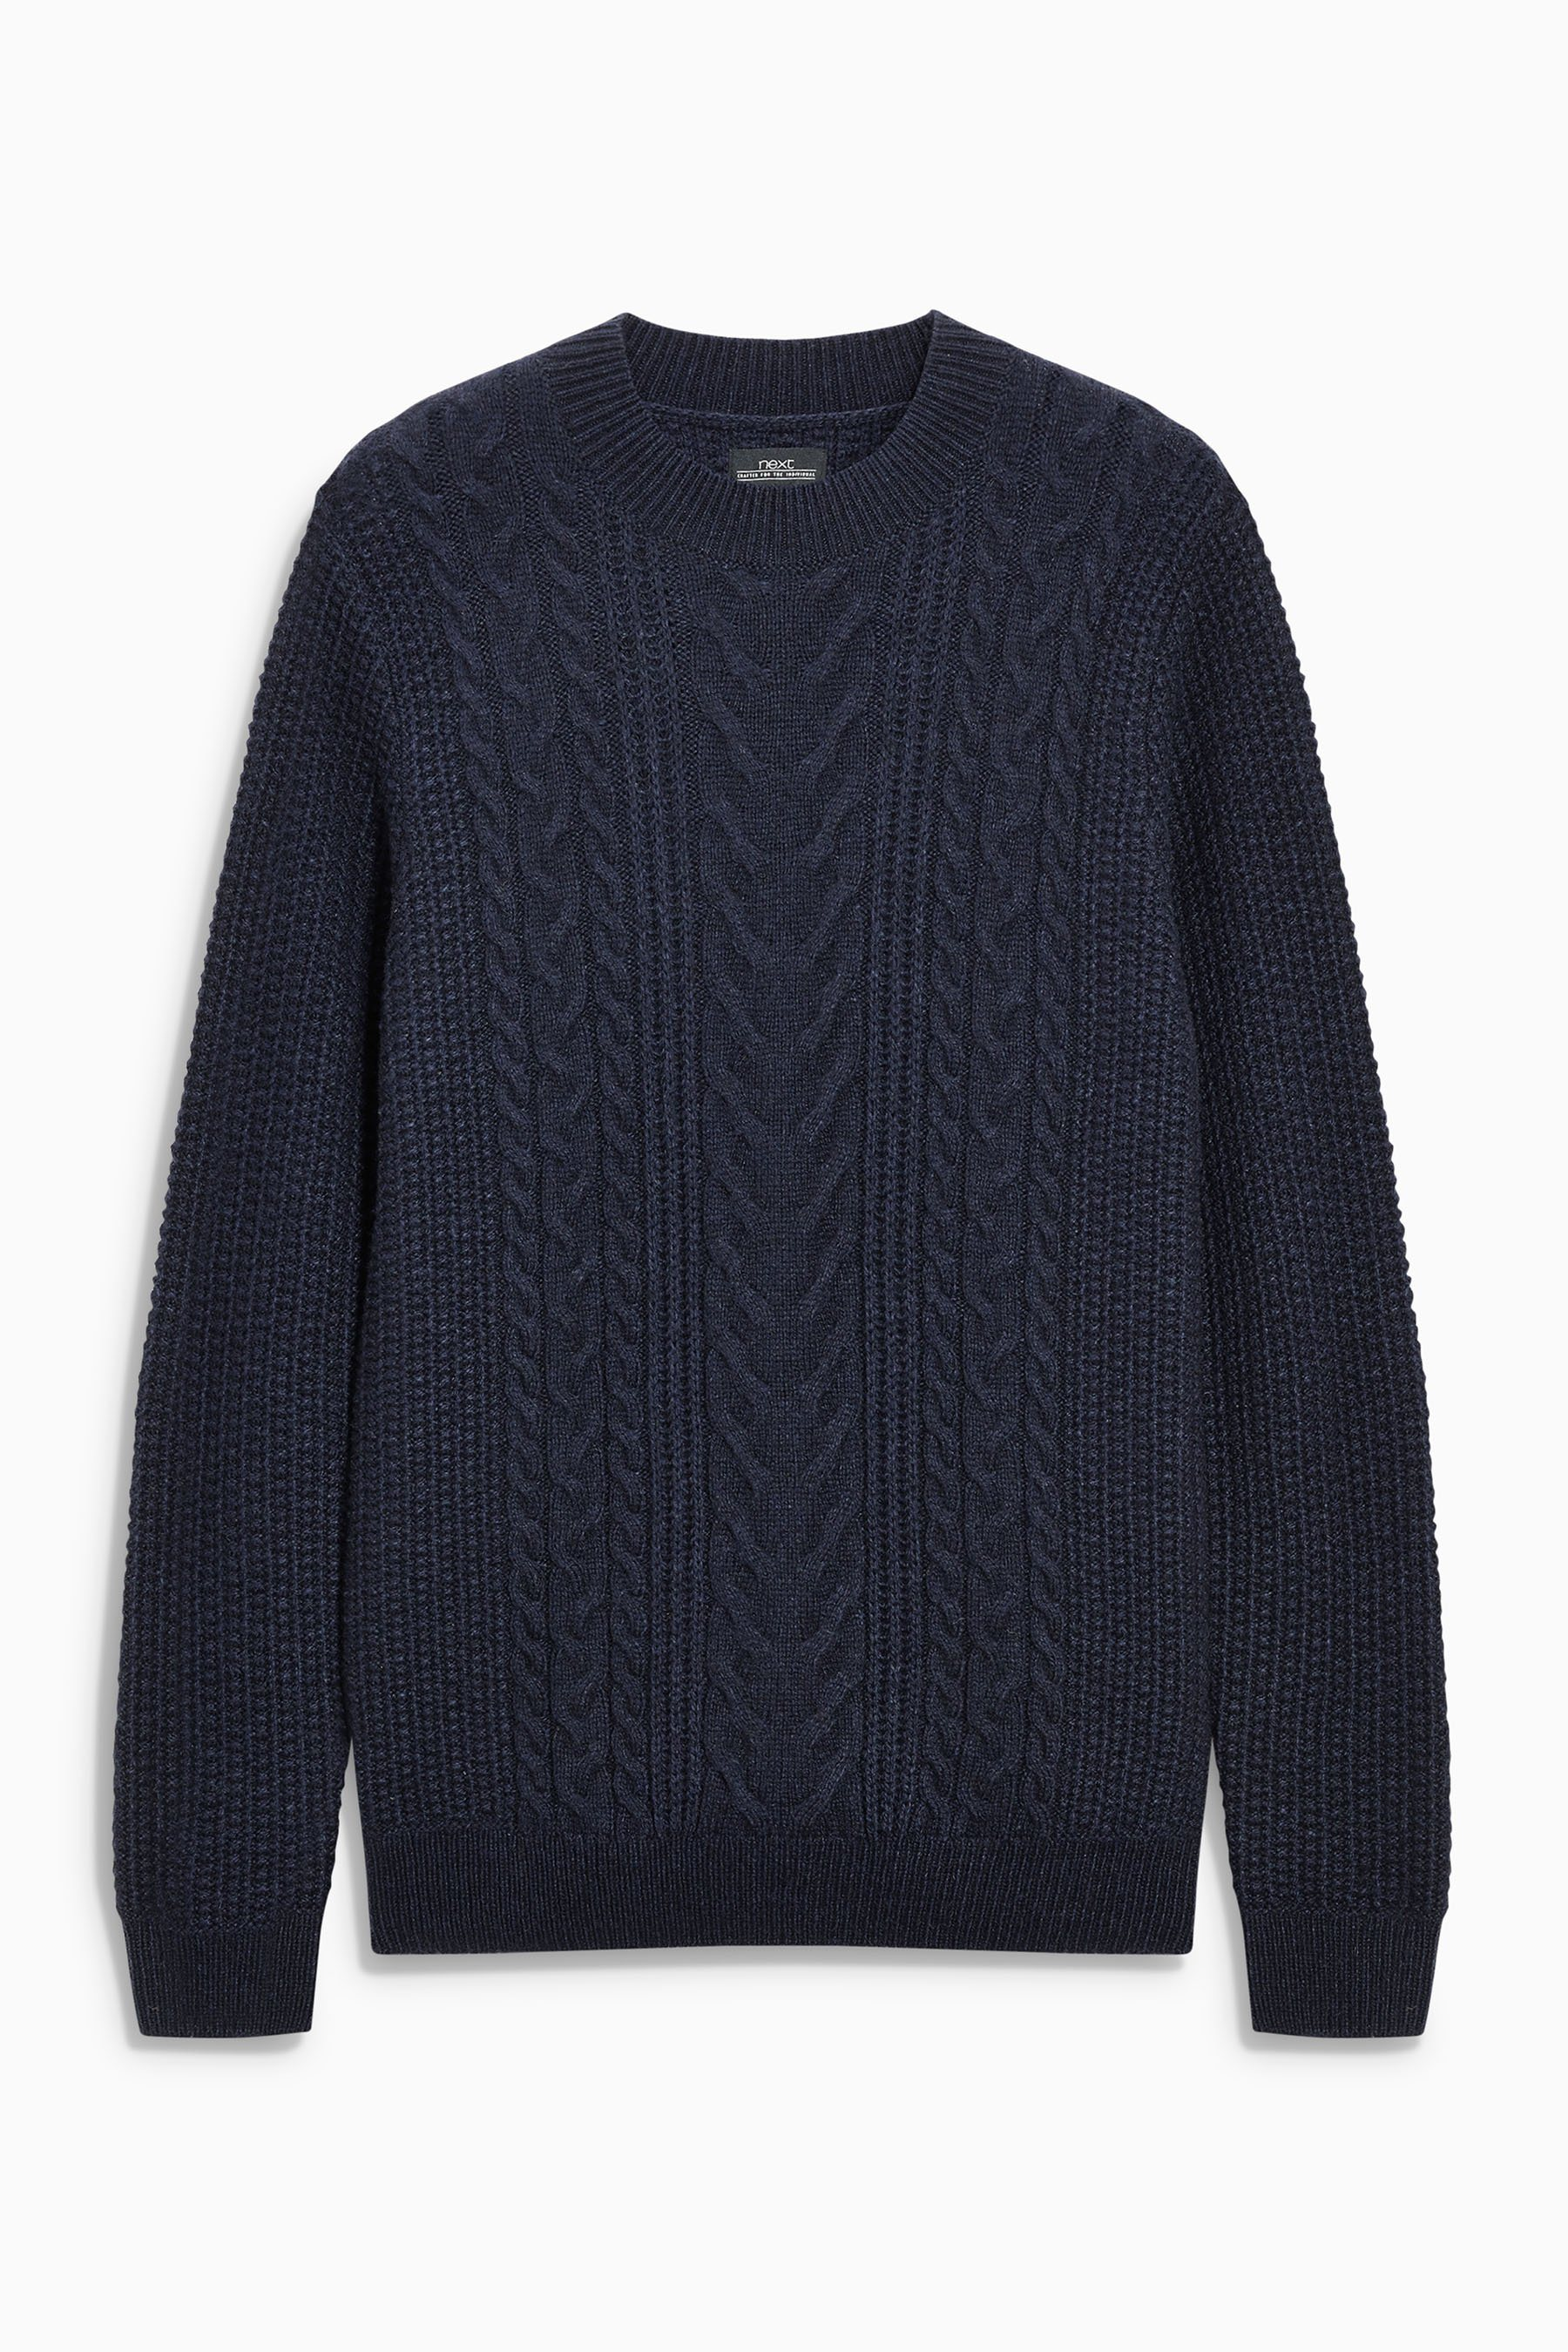 Next Pullover mit Zopfmuster und Rundhalsausschnitt